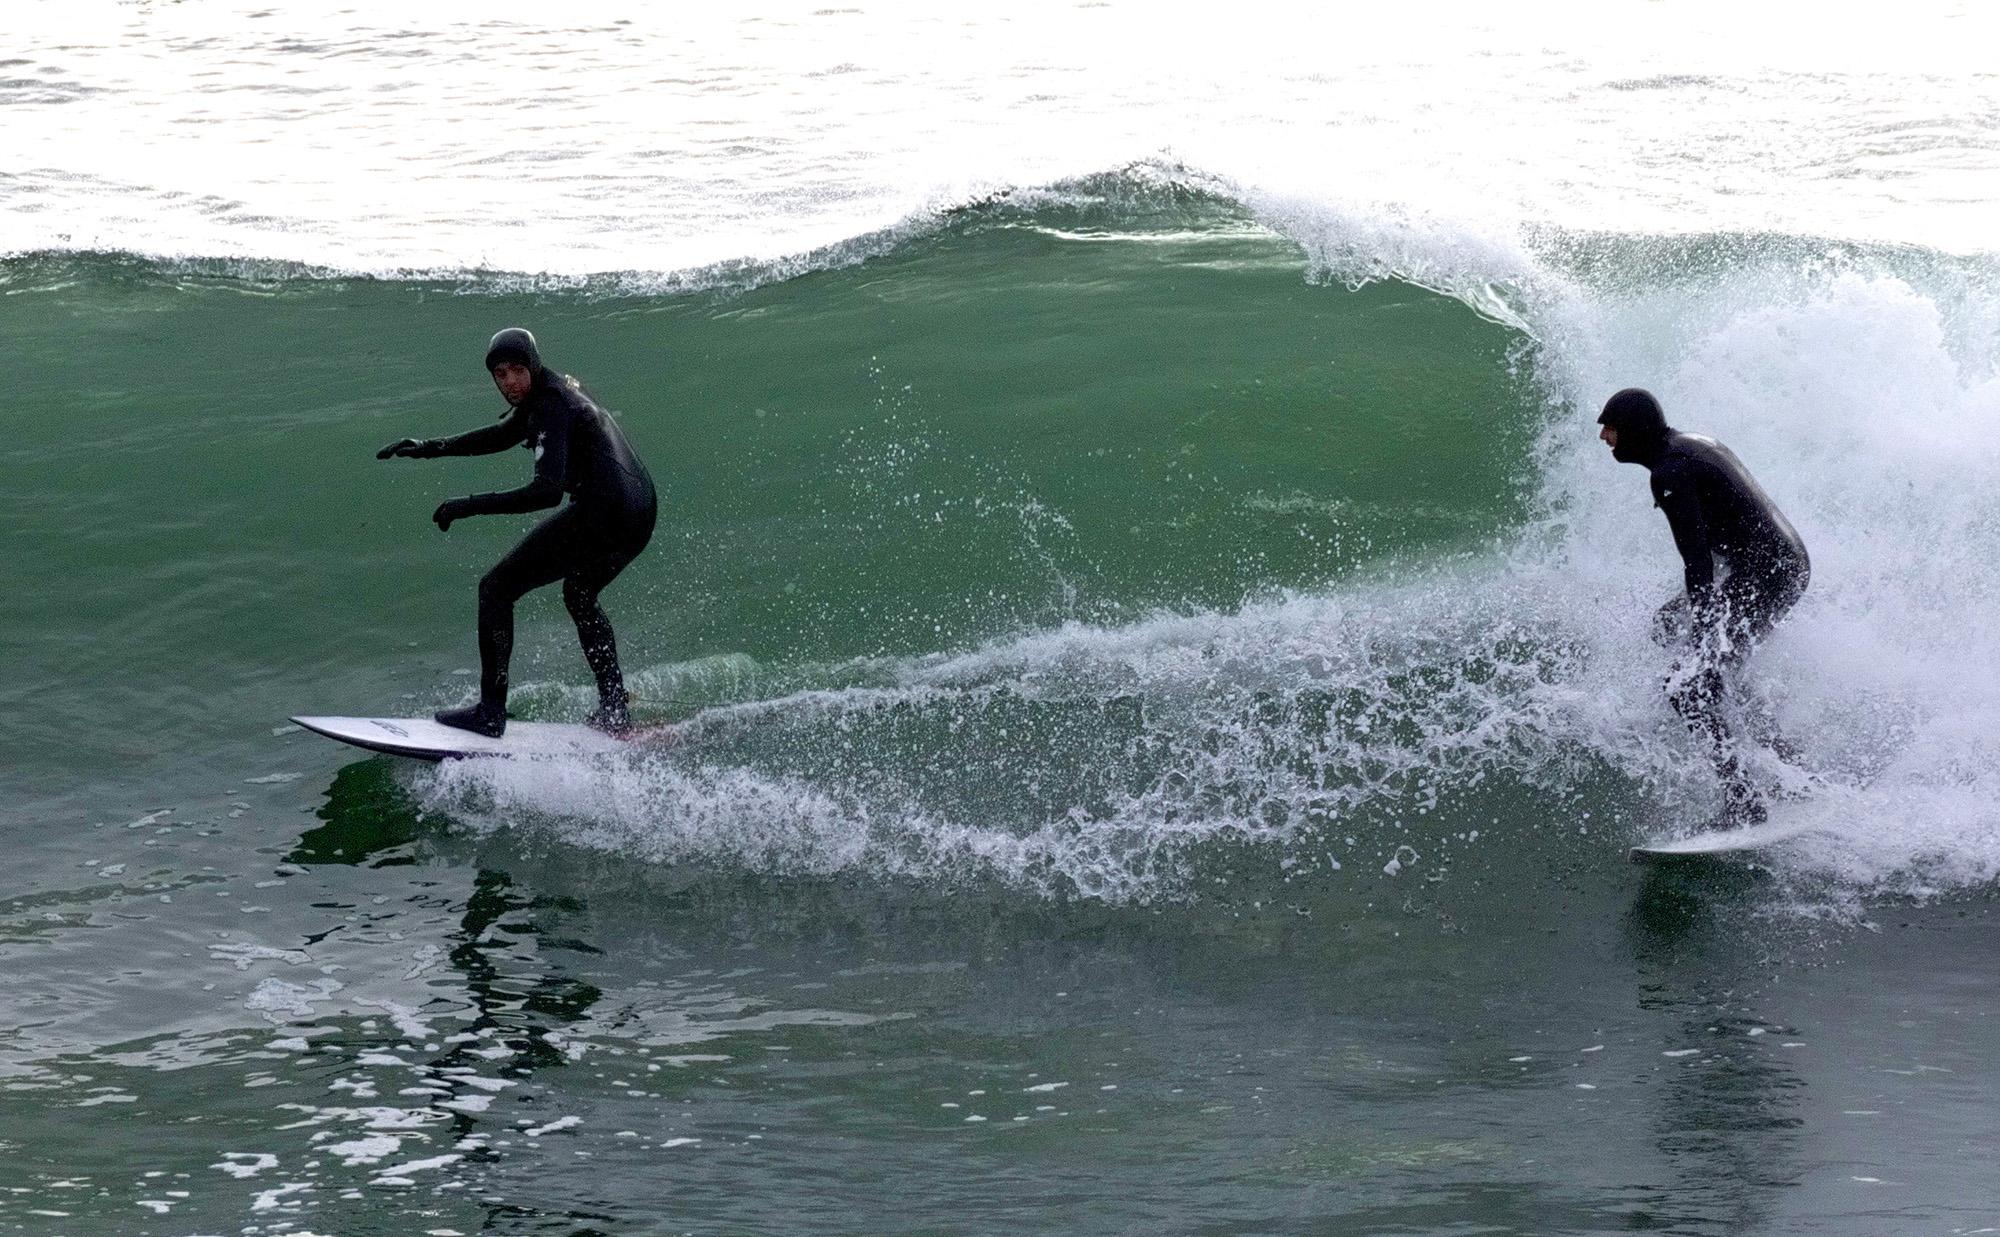 1-19-17 MTK Surfer Burned.jpg